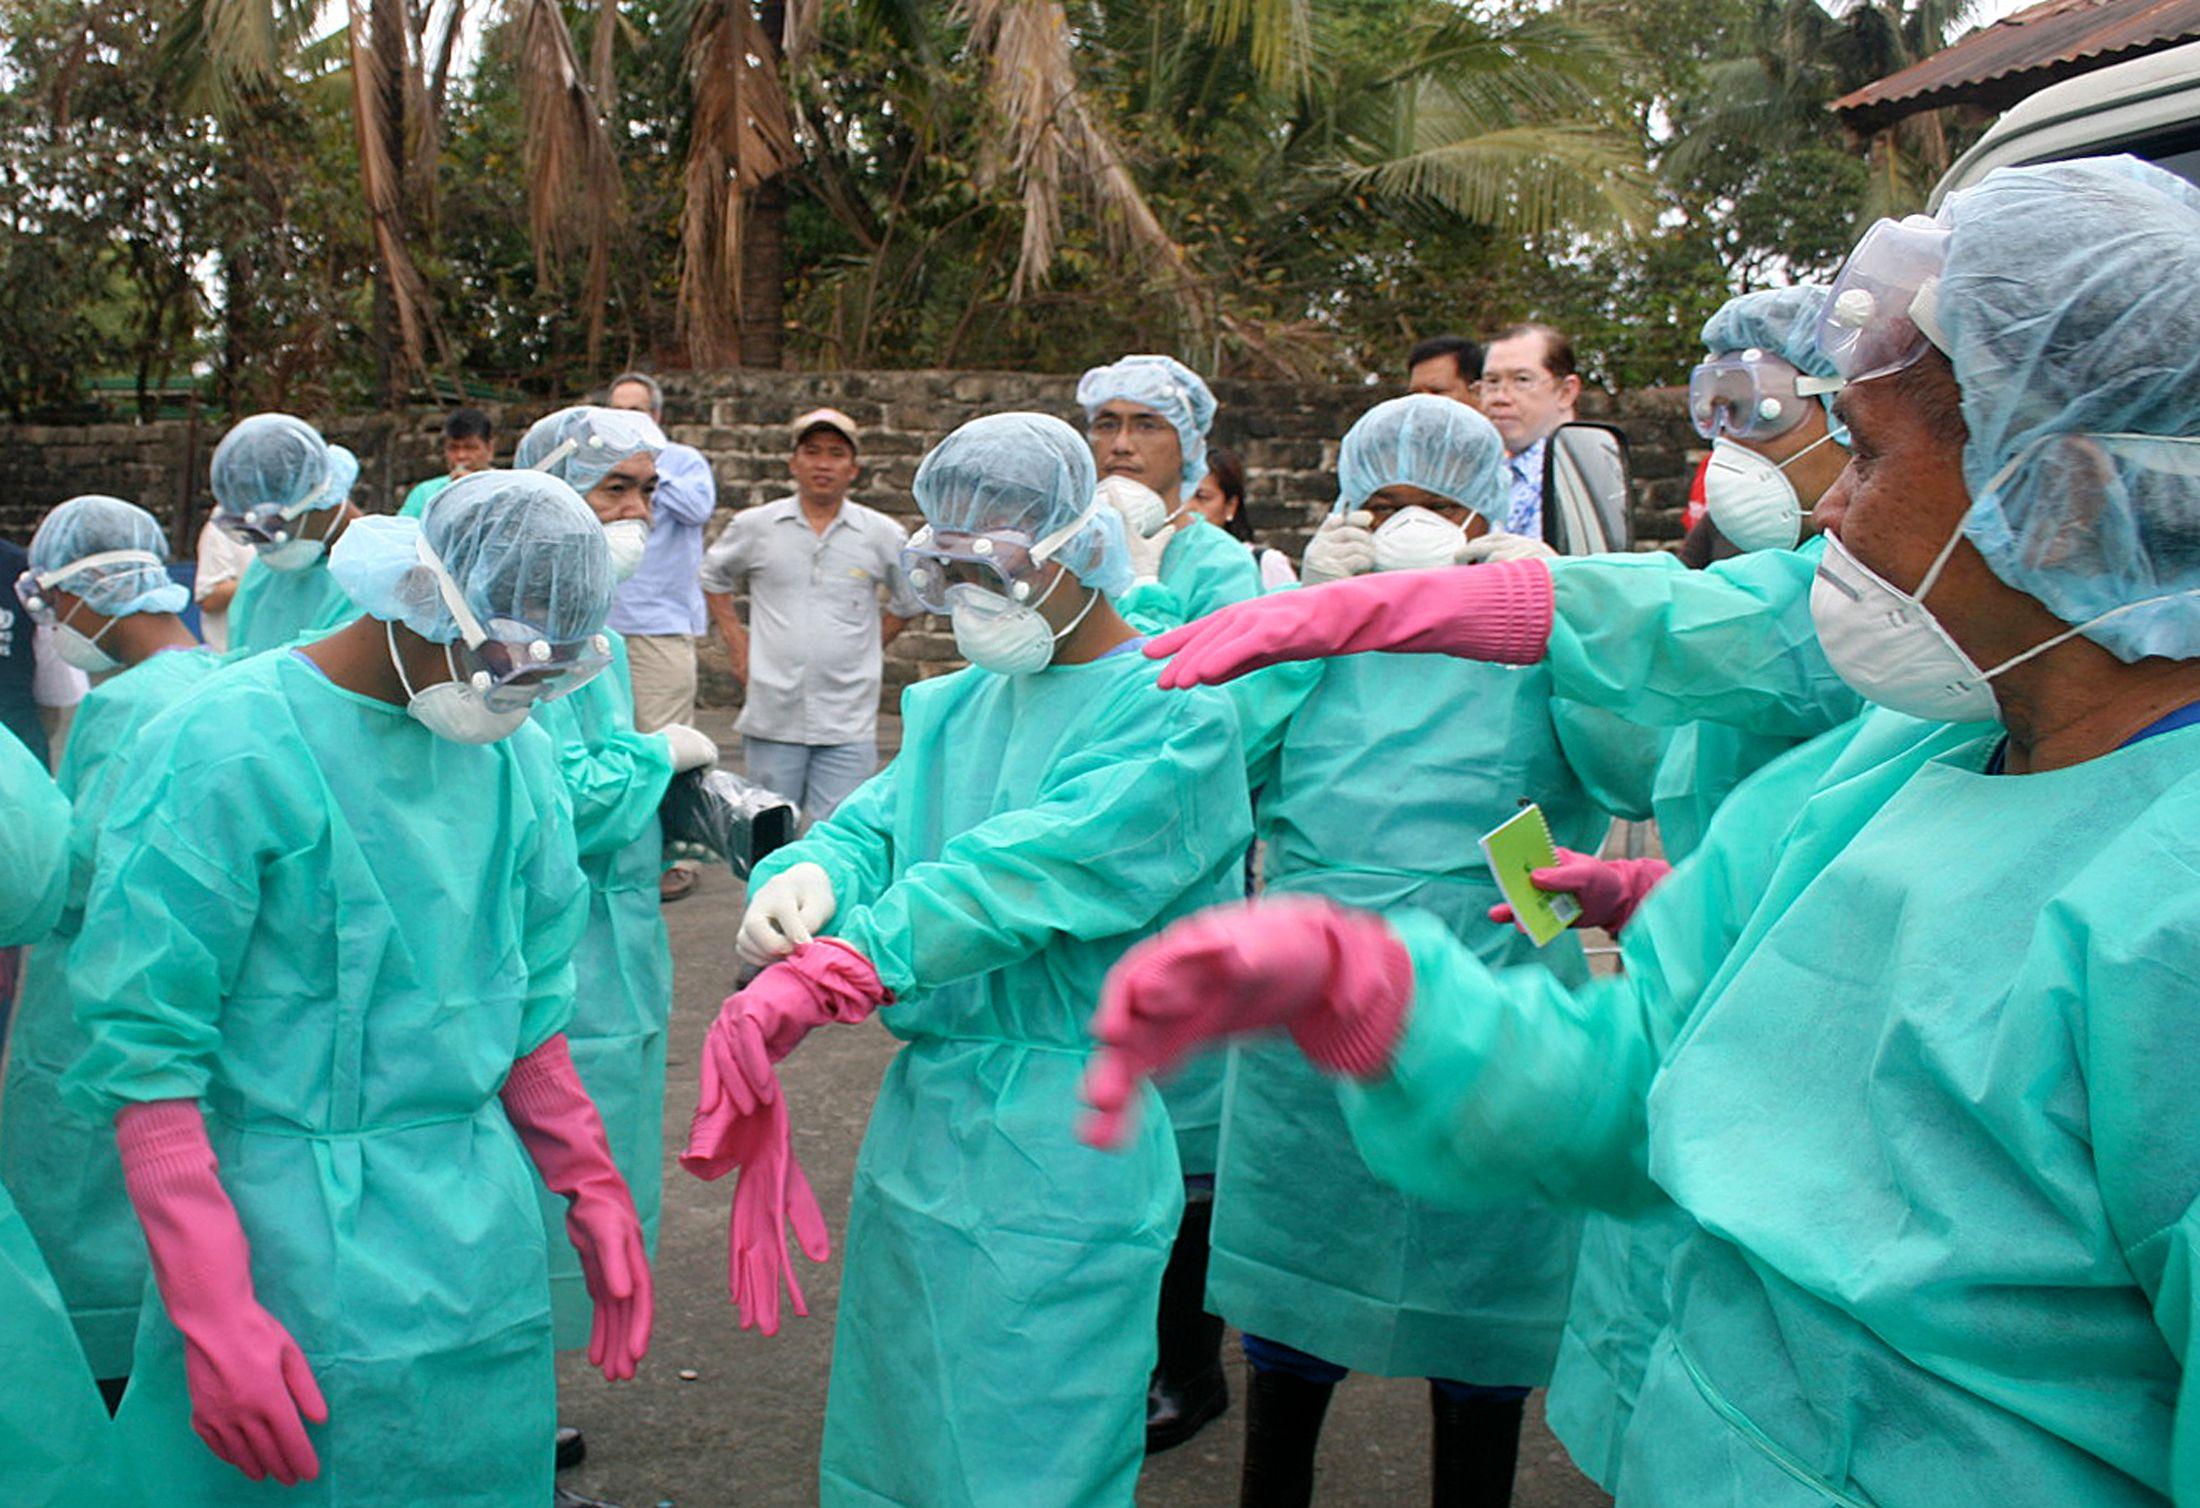 Le risque de propagation du virus hors d'Afrique devient de plus en plus sérieux